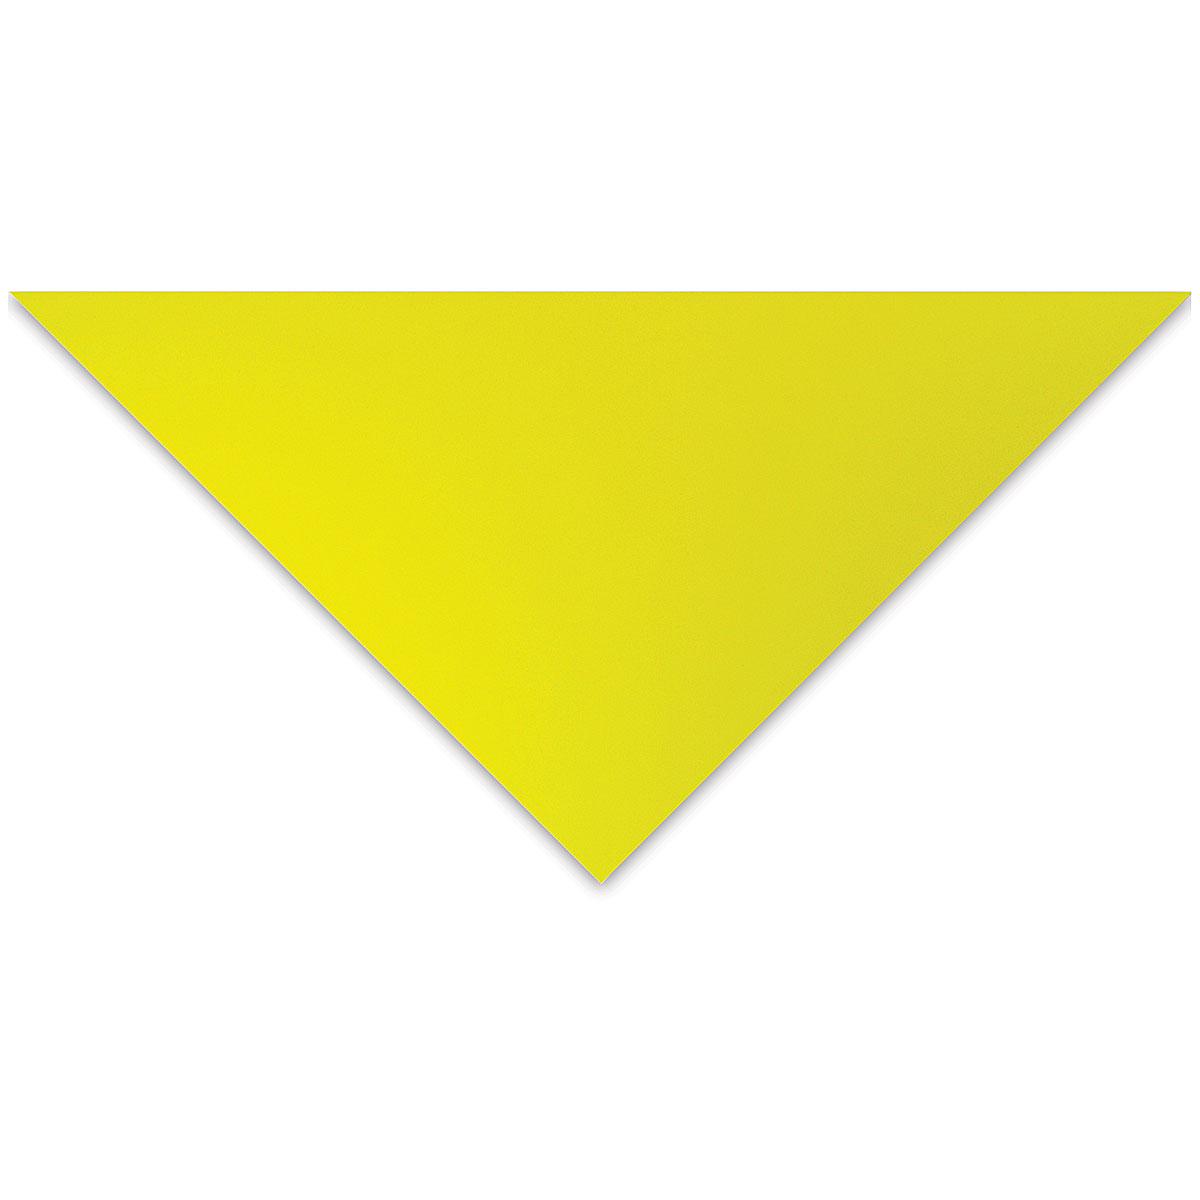 Crescent Decorative Whitecore Matboard - 32 x 40, Chartreuse